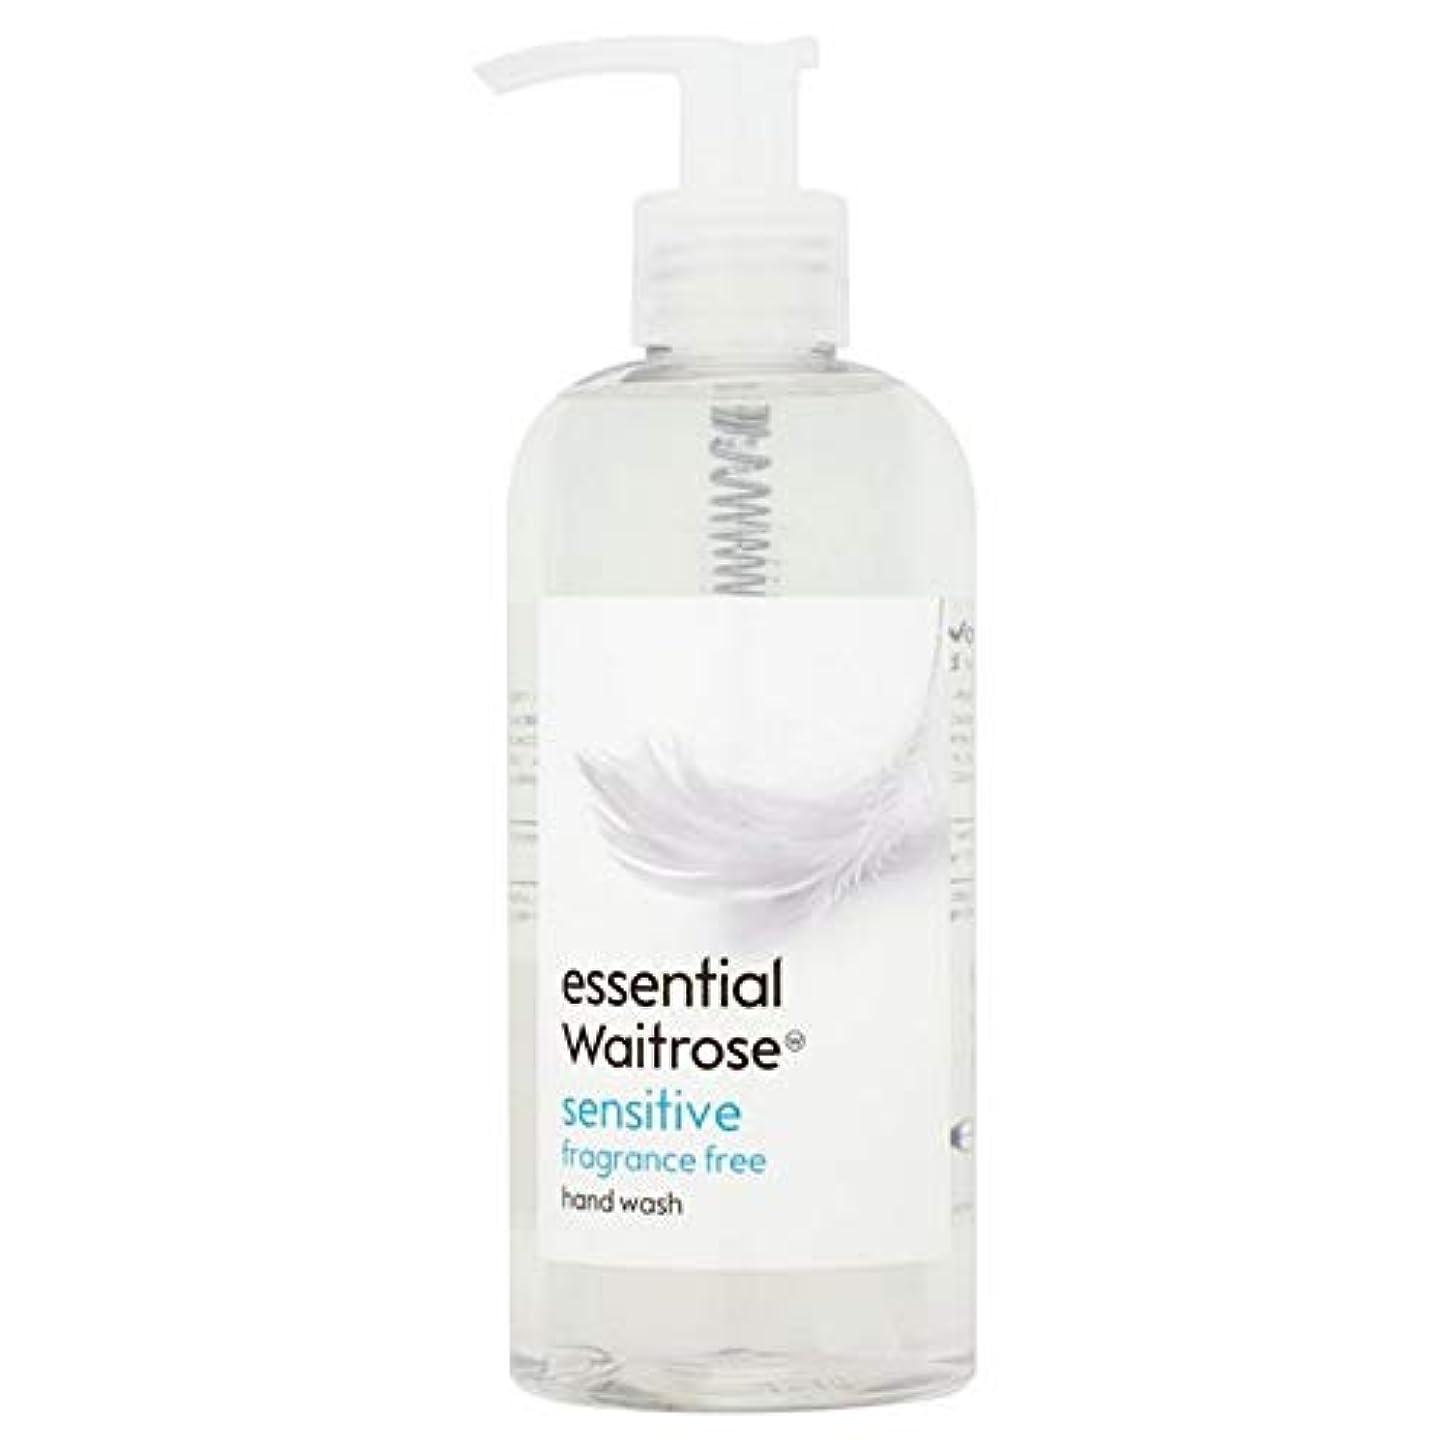 船員収容するチェス[Waitrose ] 基本的なウェイトローズのハンドウォッシュ敏感な300ミリリットル - Essential Waitrose Hand Wash Sensitive 300ml [並行輸入品]